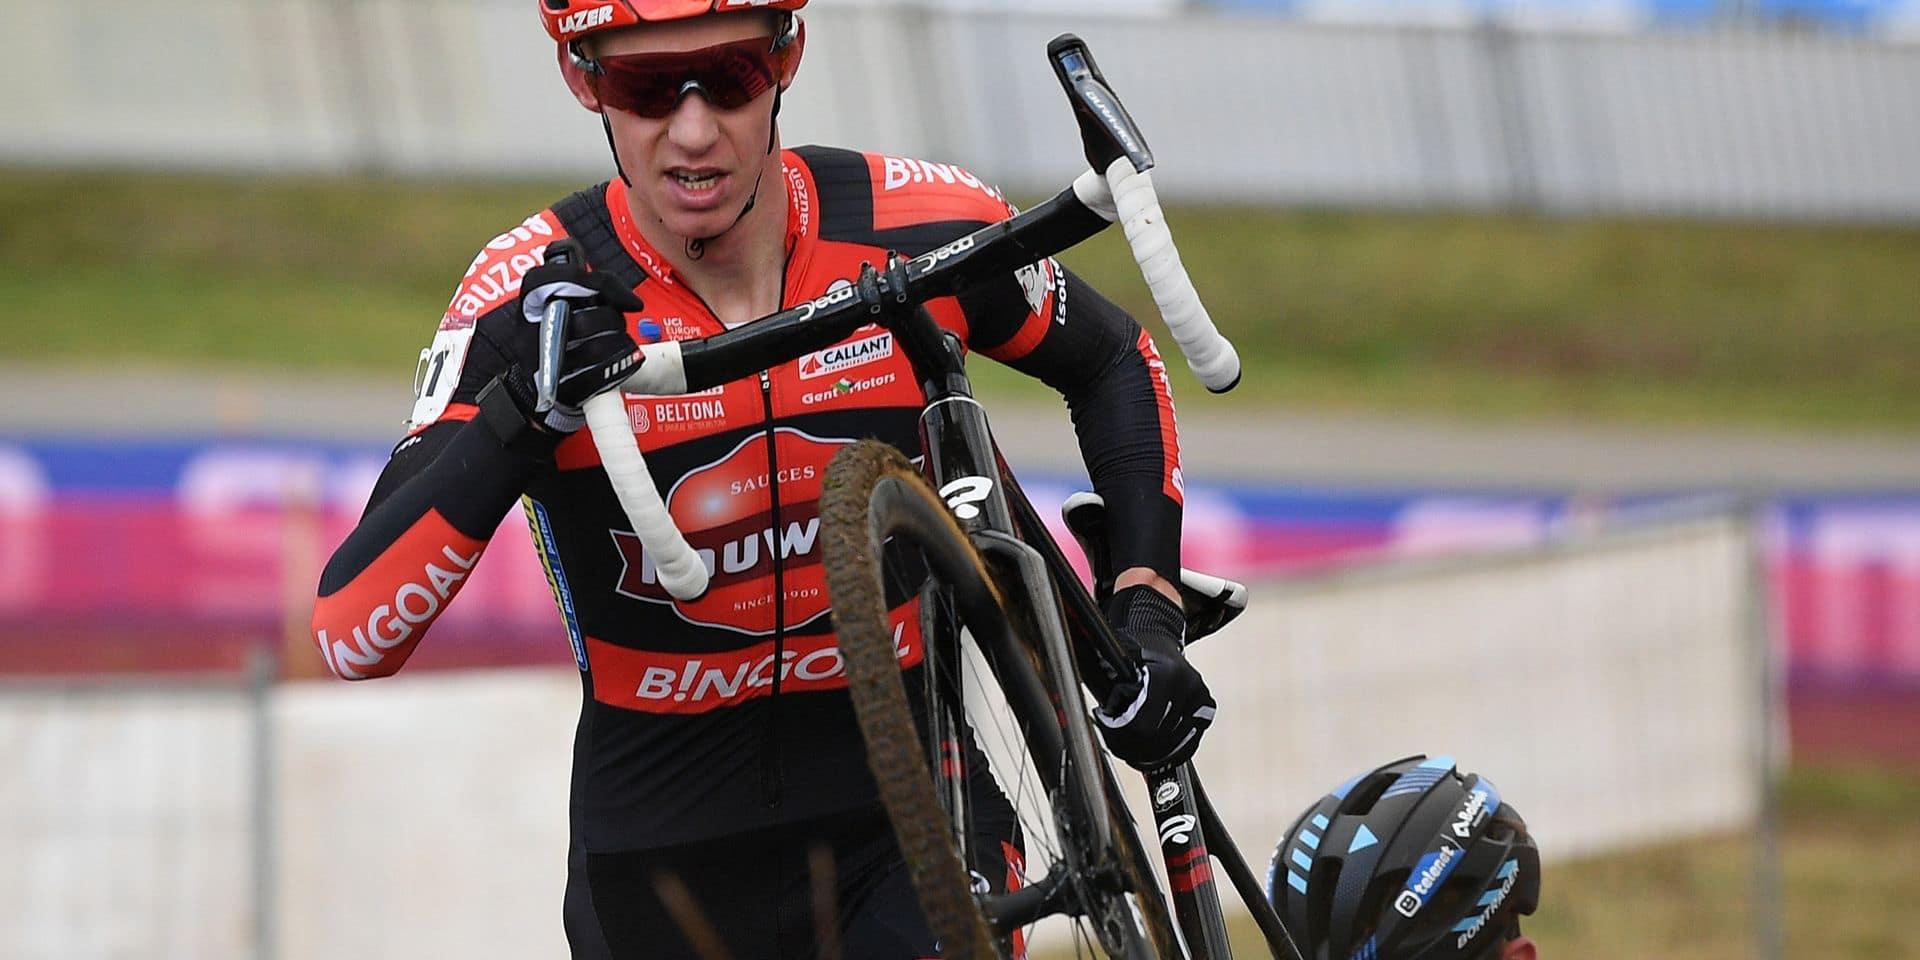 Après sa victoire à Tabor, Vanthourenhout a la tête à Namur en cyclo-cross